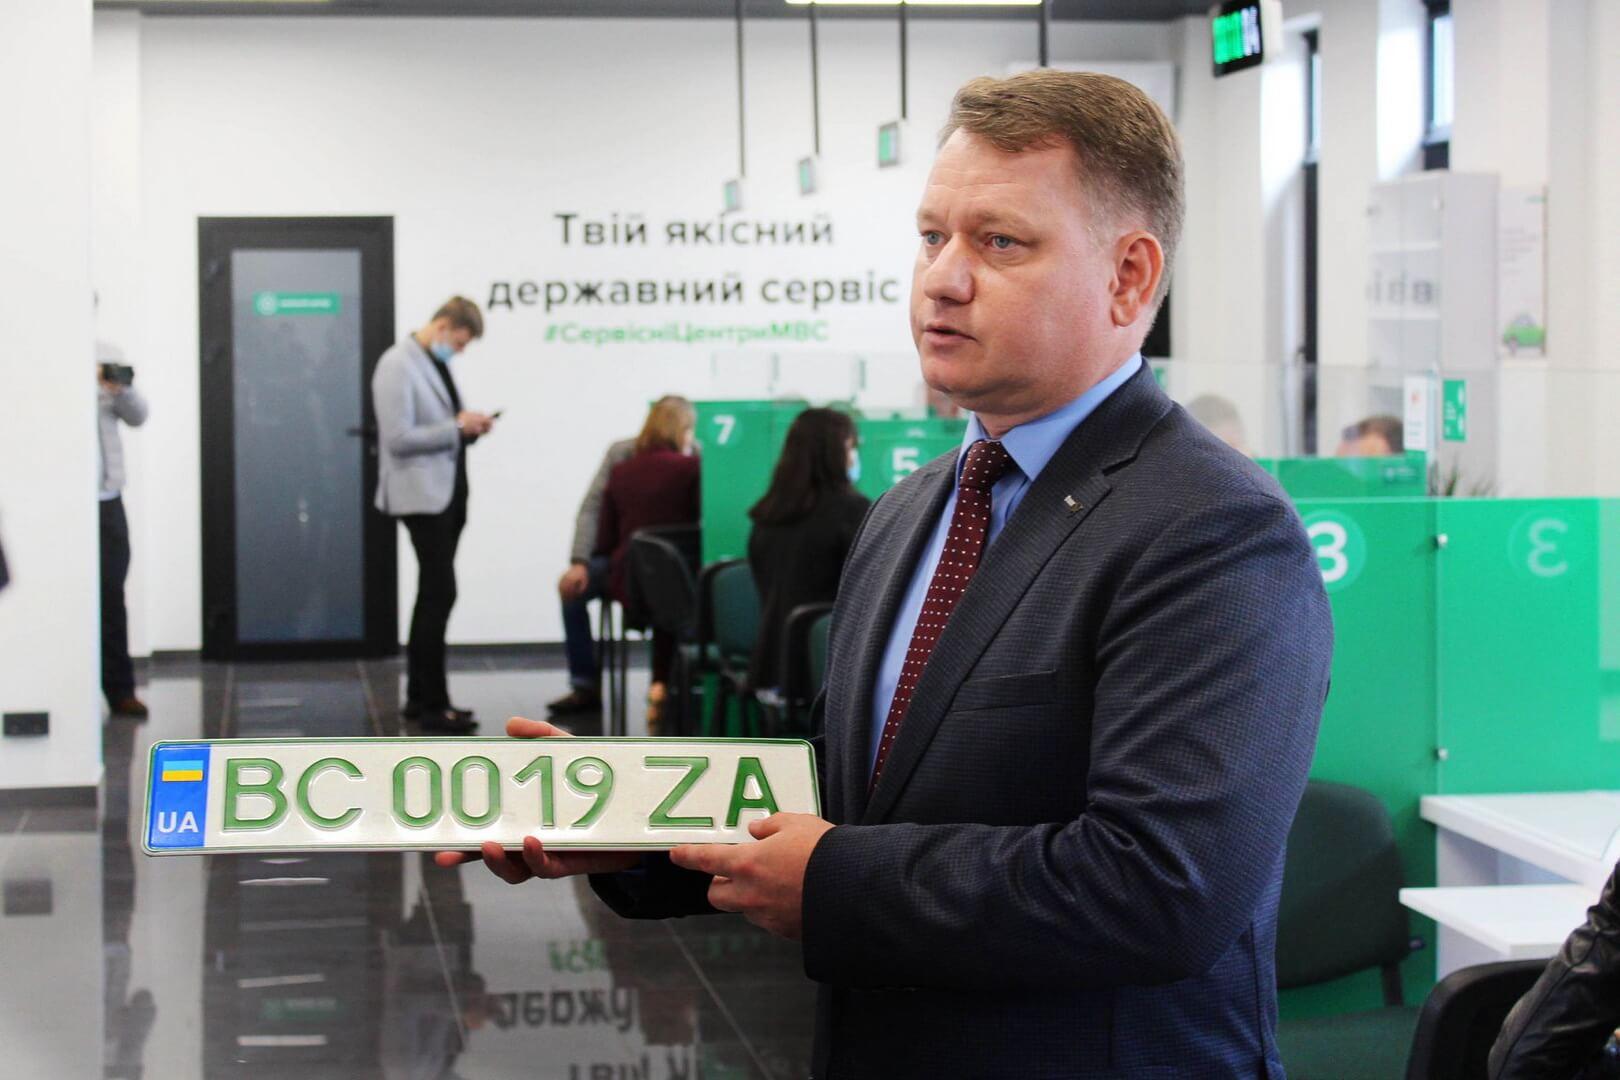 Сервисные центры МВД Украины начали выдачу «зеленых» номерных знаков